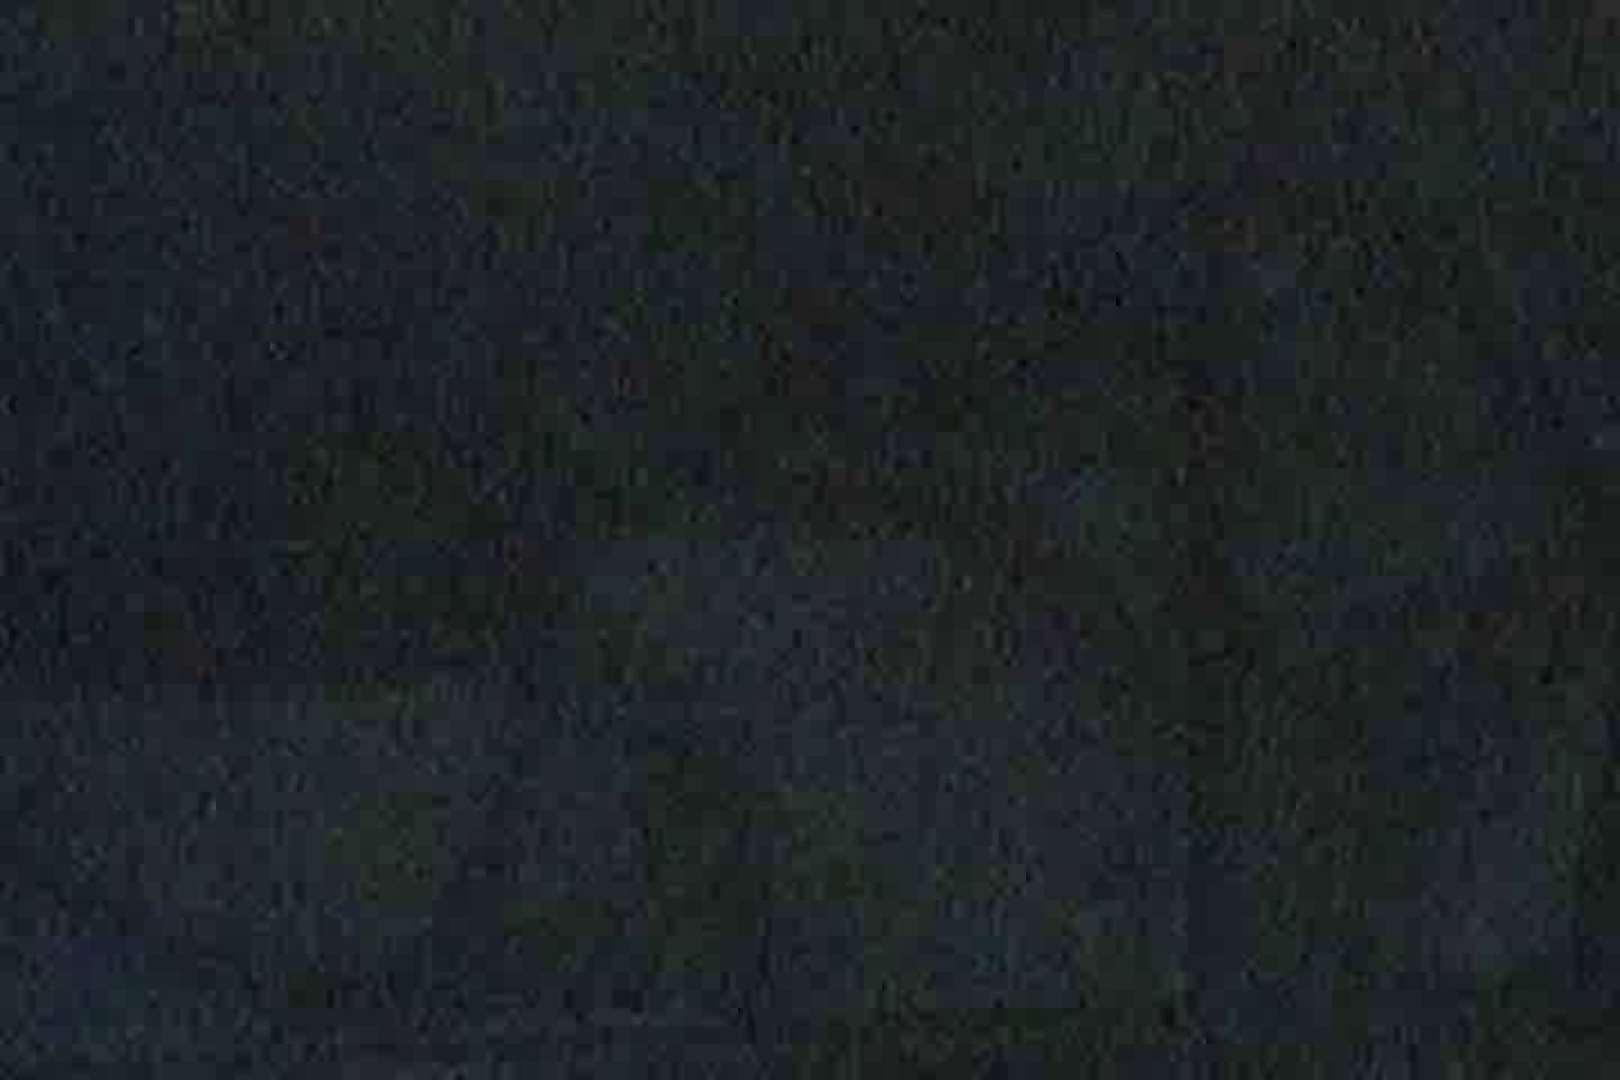 充血監督の深夜の運動会Vol.8 乳首 覗きおまんこ画像 75pic 5